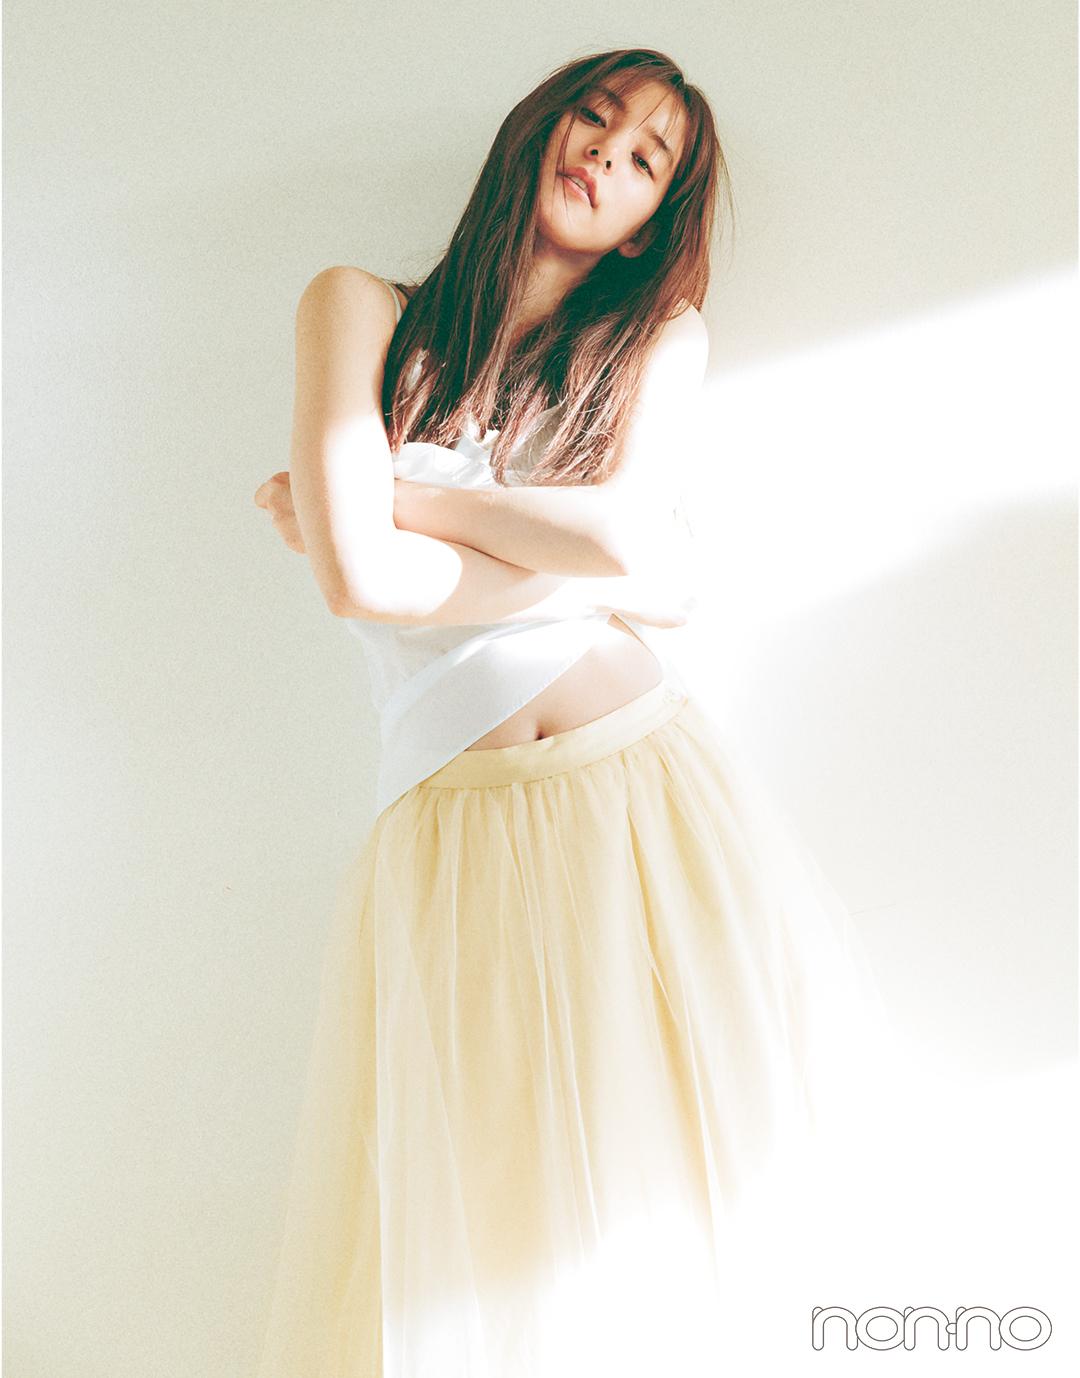 新木優子 ビューティスタイルブック「新木式」の未掲載カット